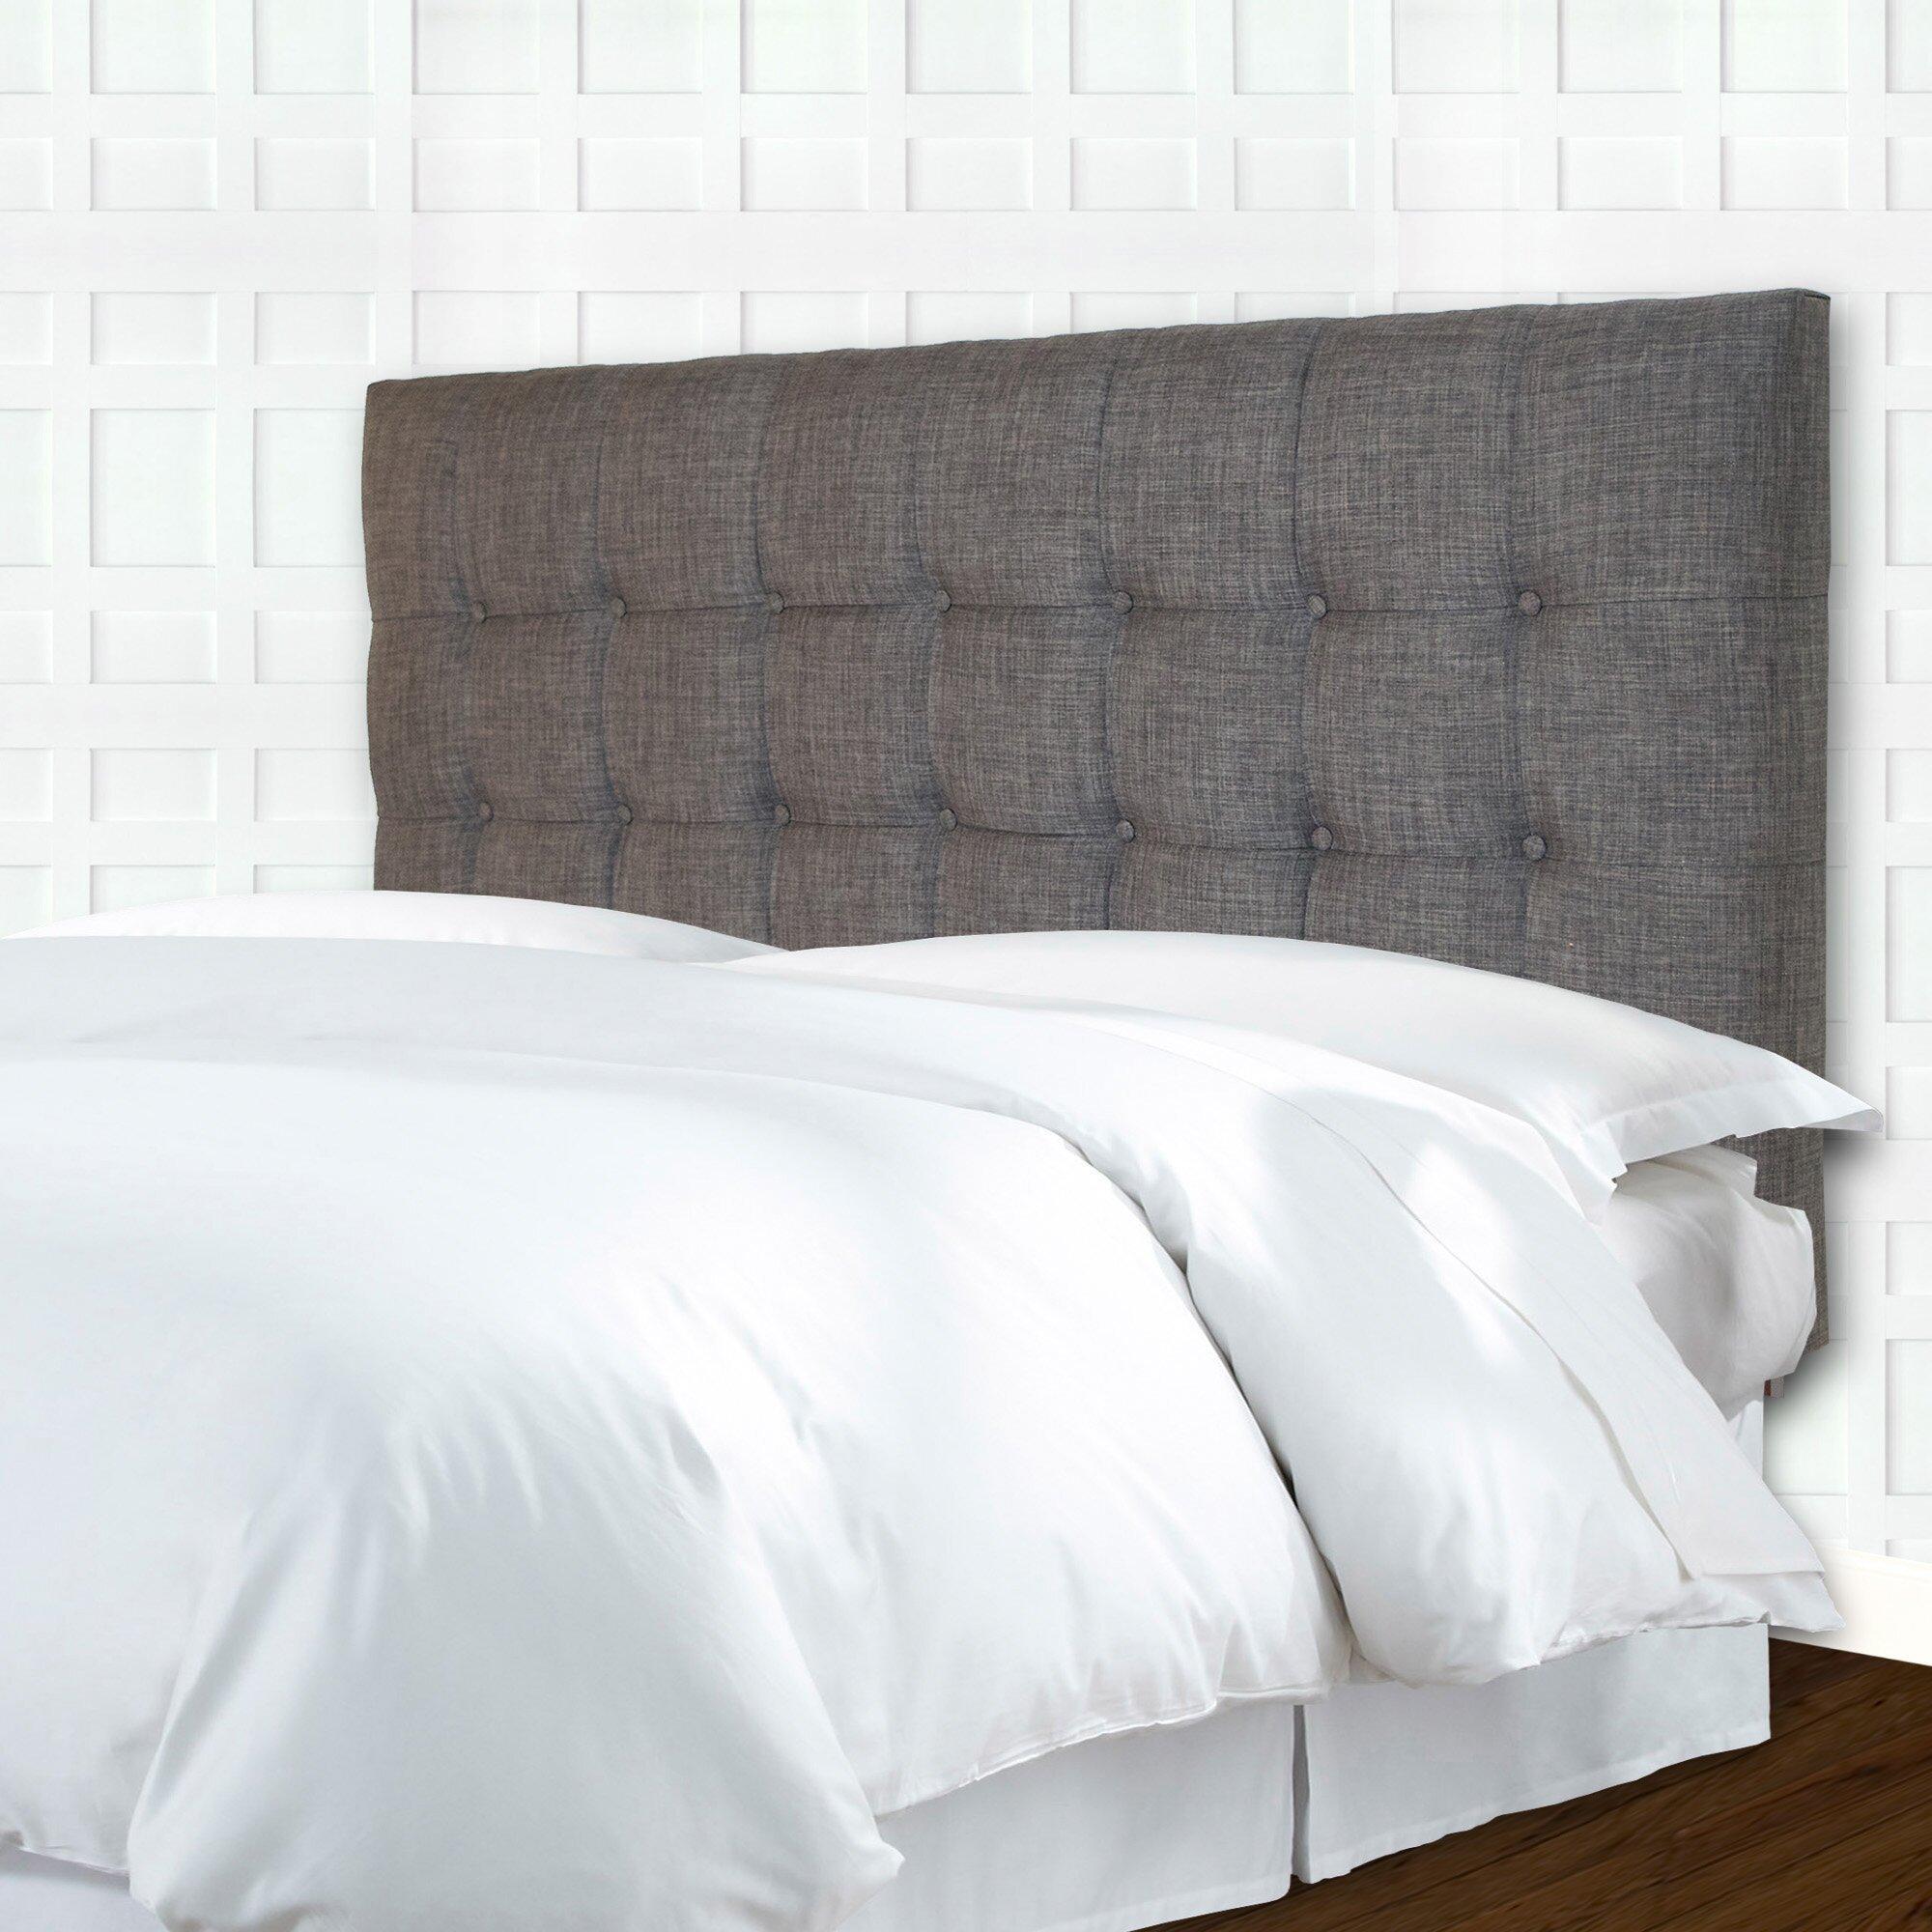 Bed headboard upholstered - Strasbourg Upholstered Panel Headboard